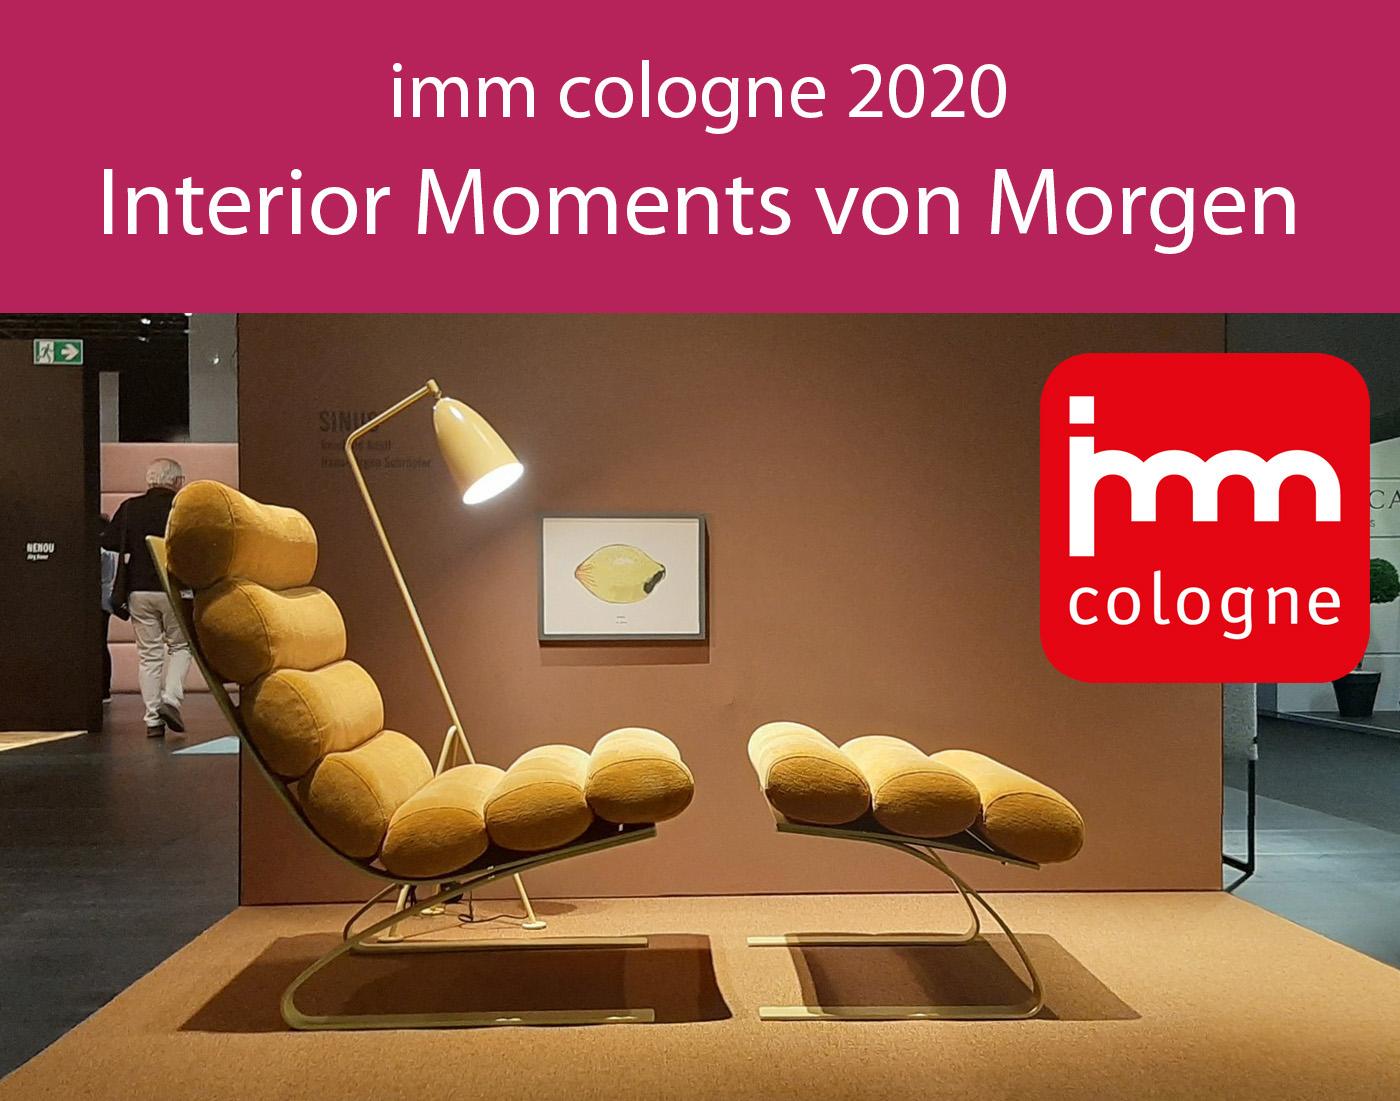 imm cologne 2020 - Interior Moments von Morgen